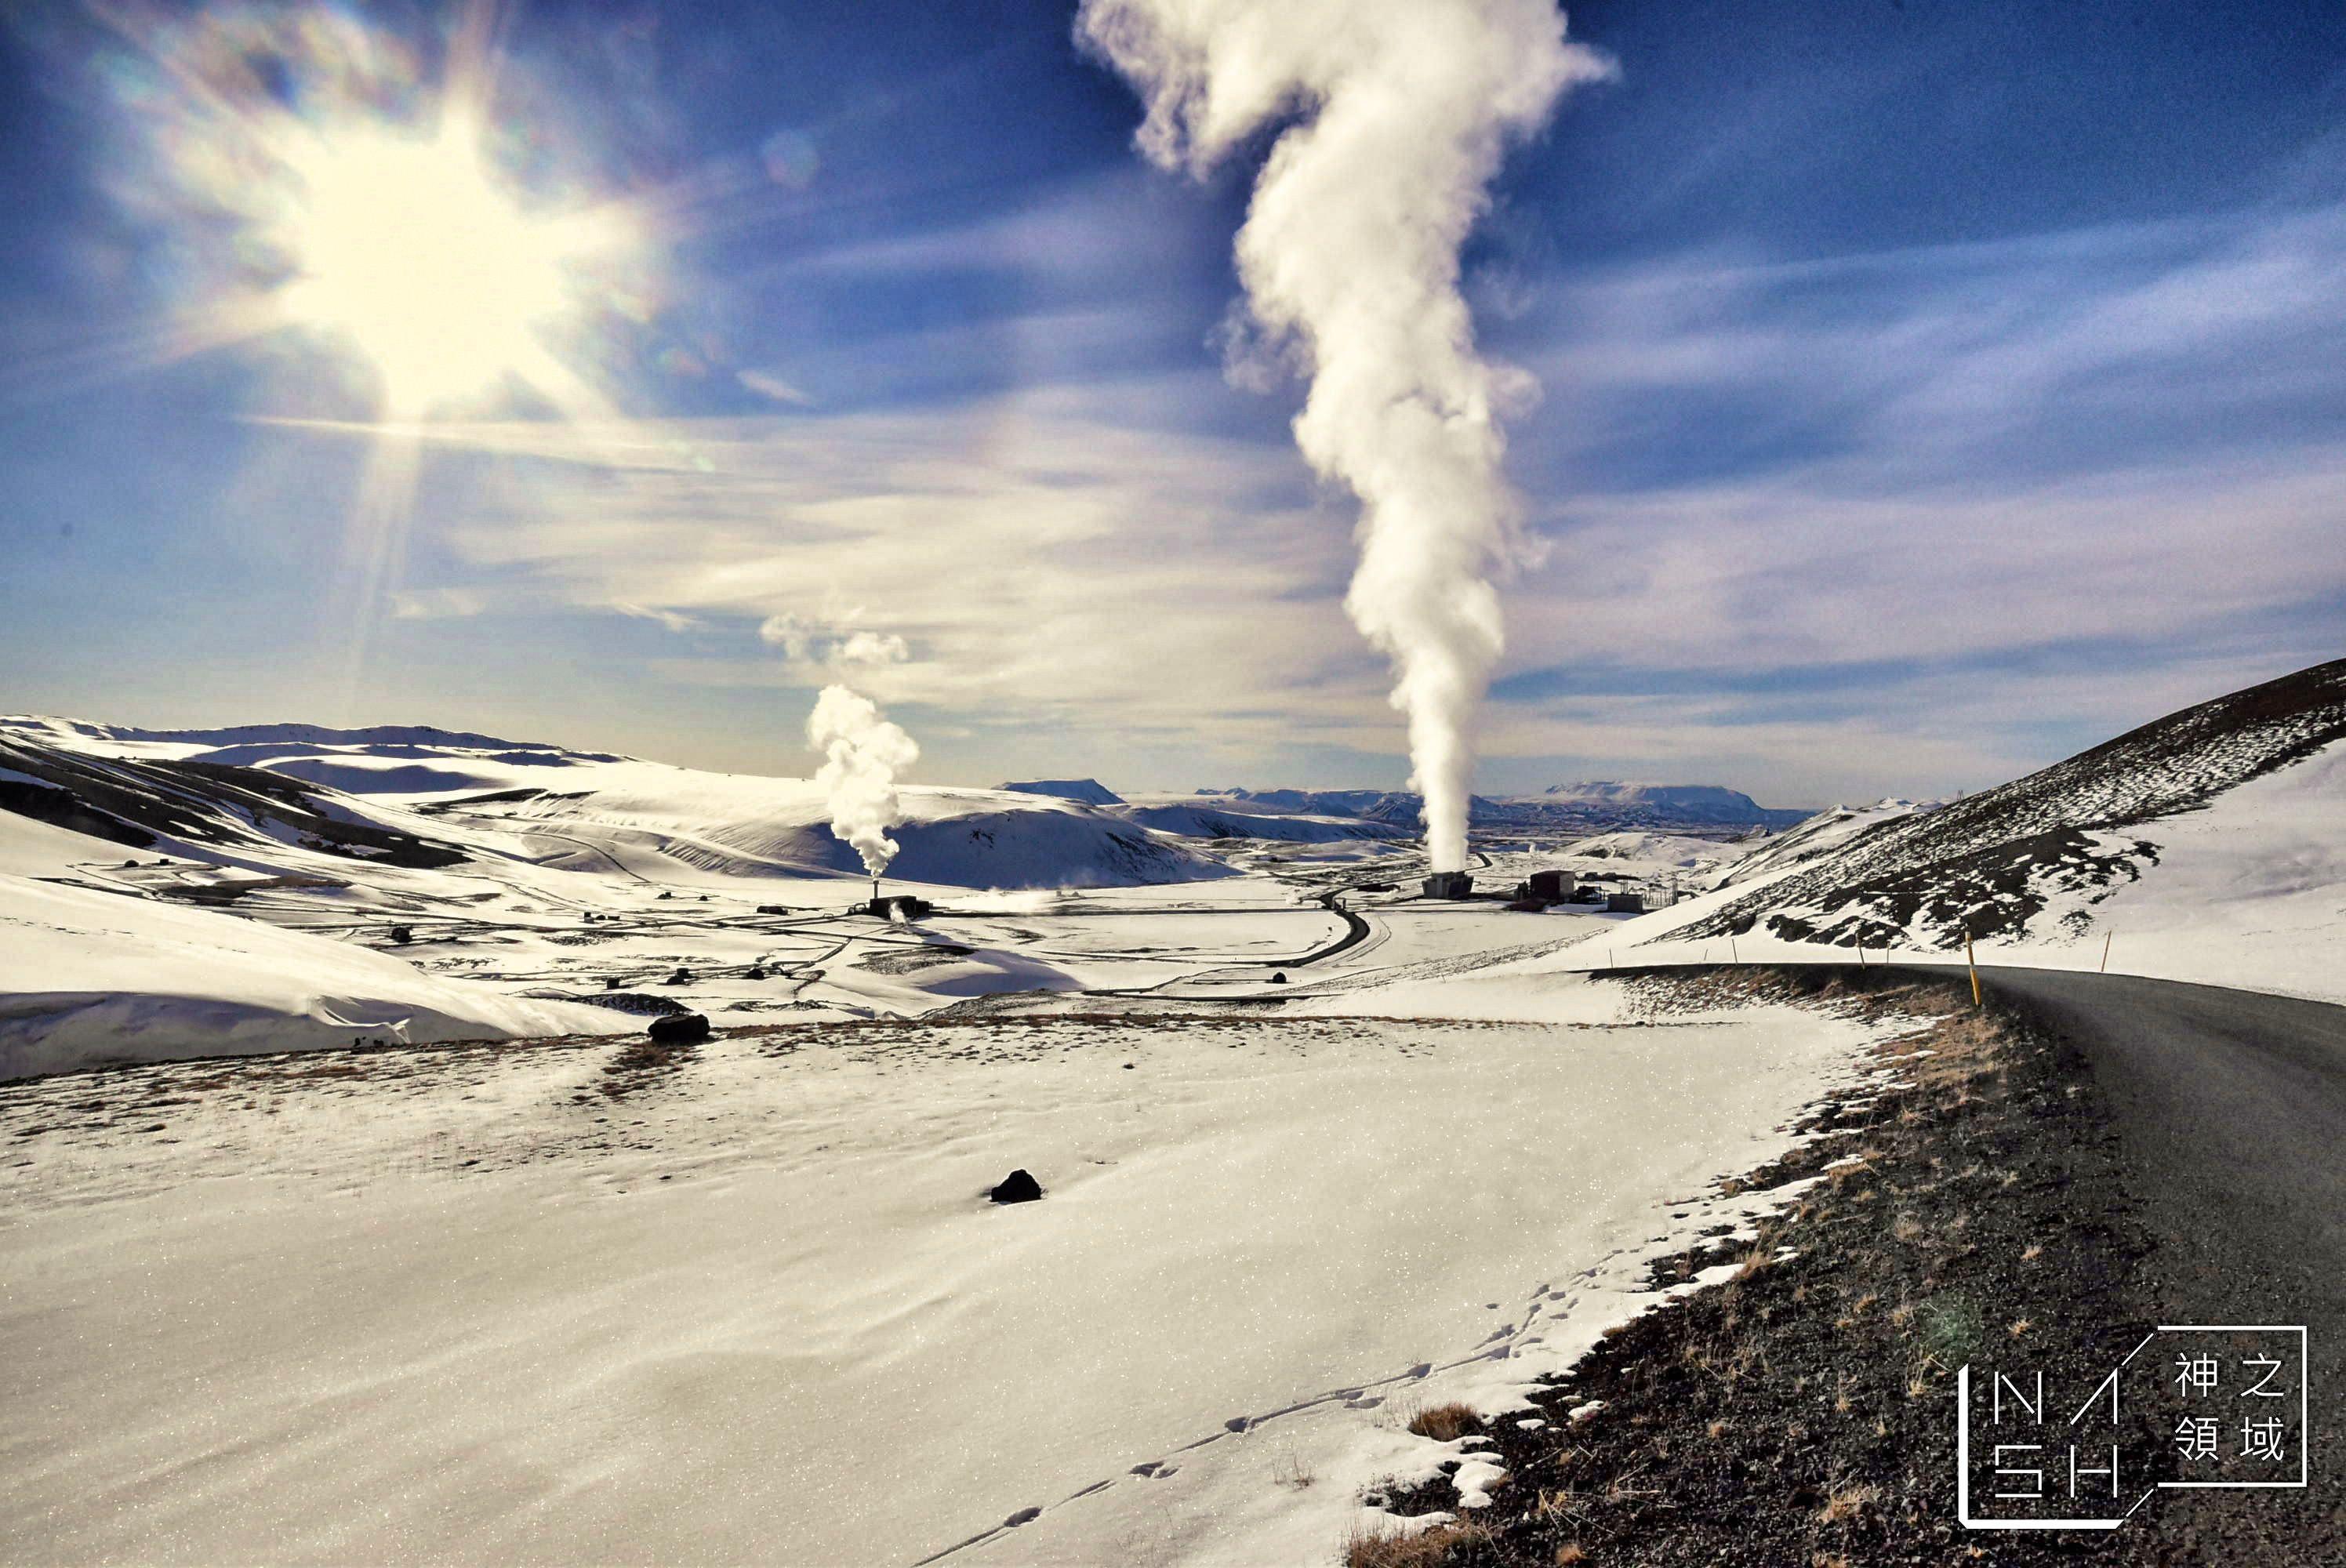 冰島自由行環島景點推薦,克拉夫拉,冰島米湖景點推薦,米湖,Krafla Power Plant,viti,克拉夫拉地熱發電廠,viti火山口湖 @Nash,神之領域